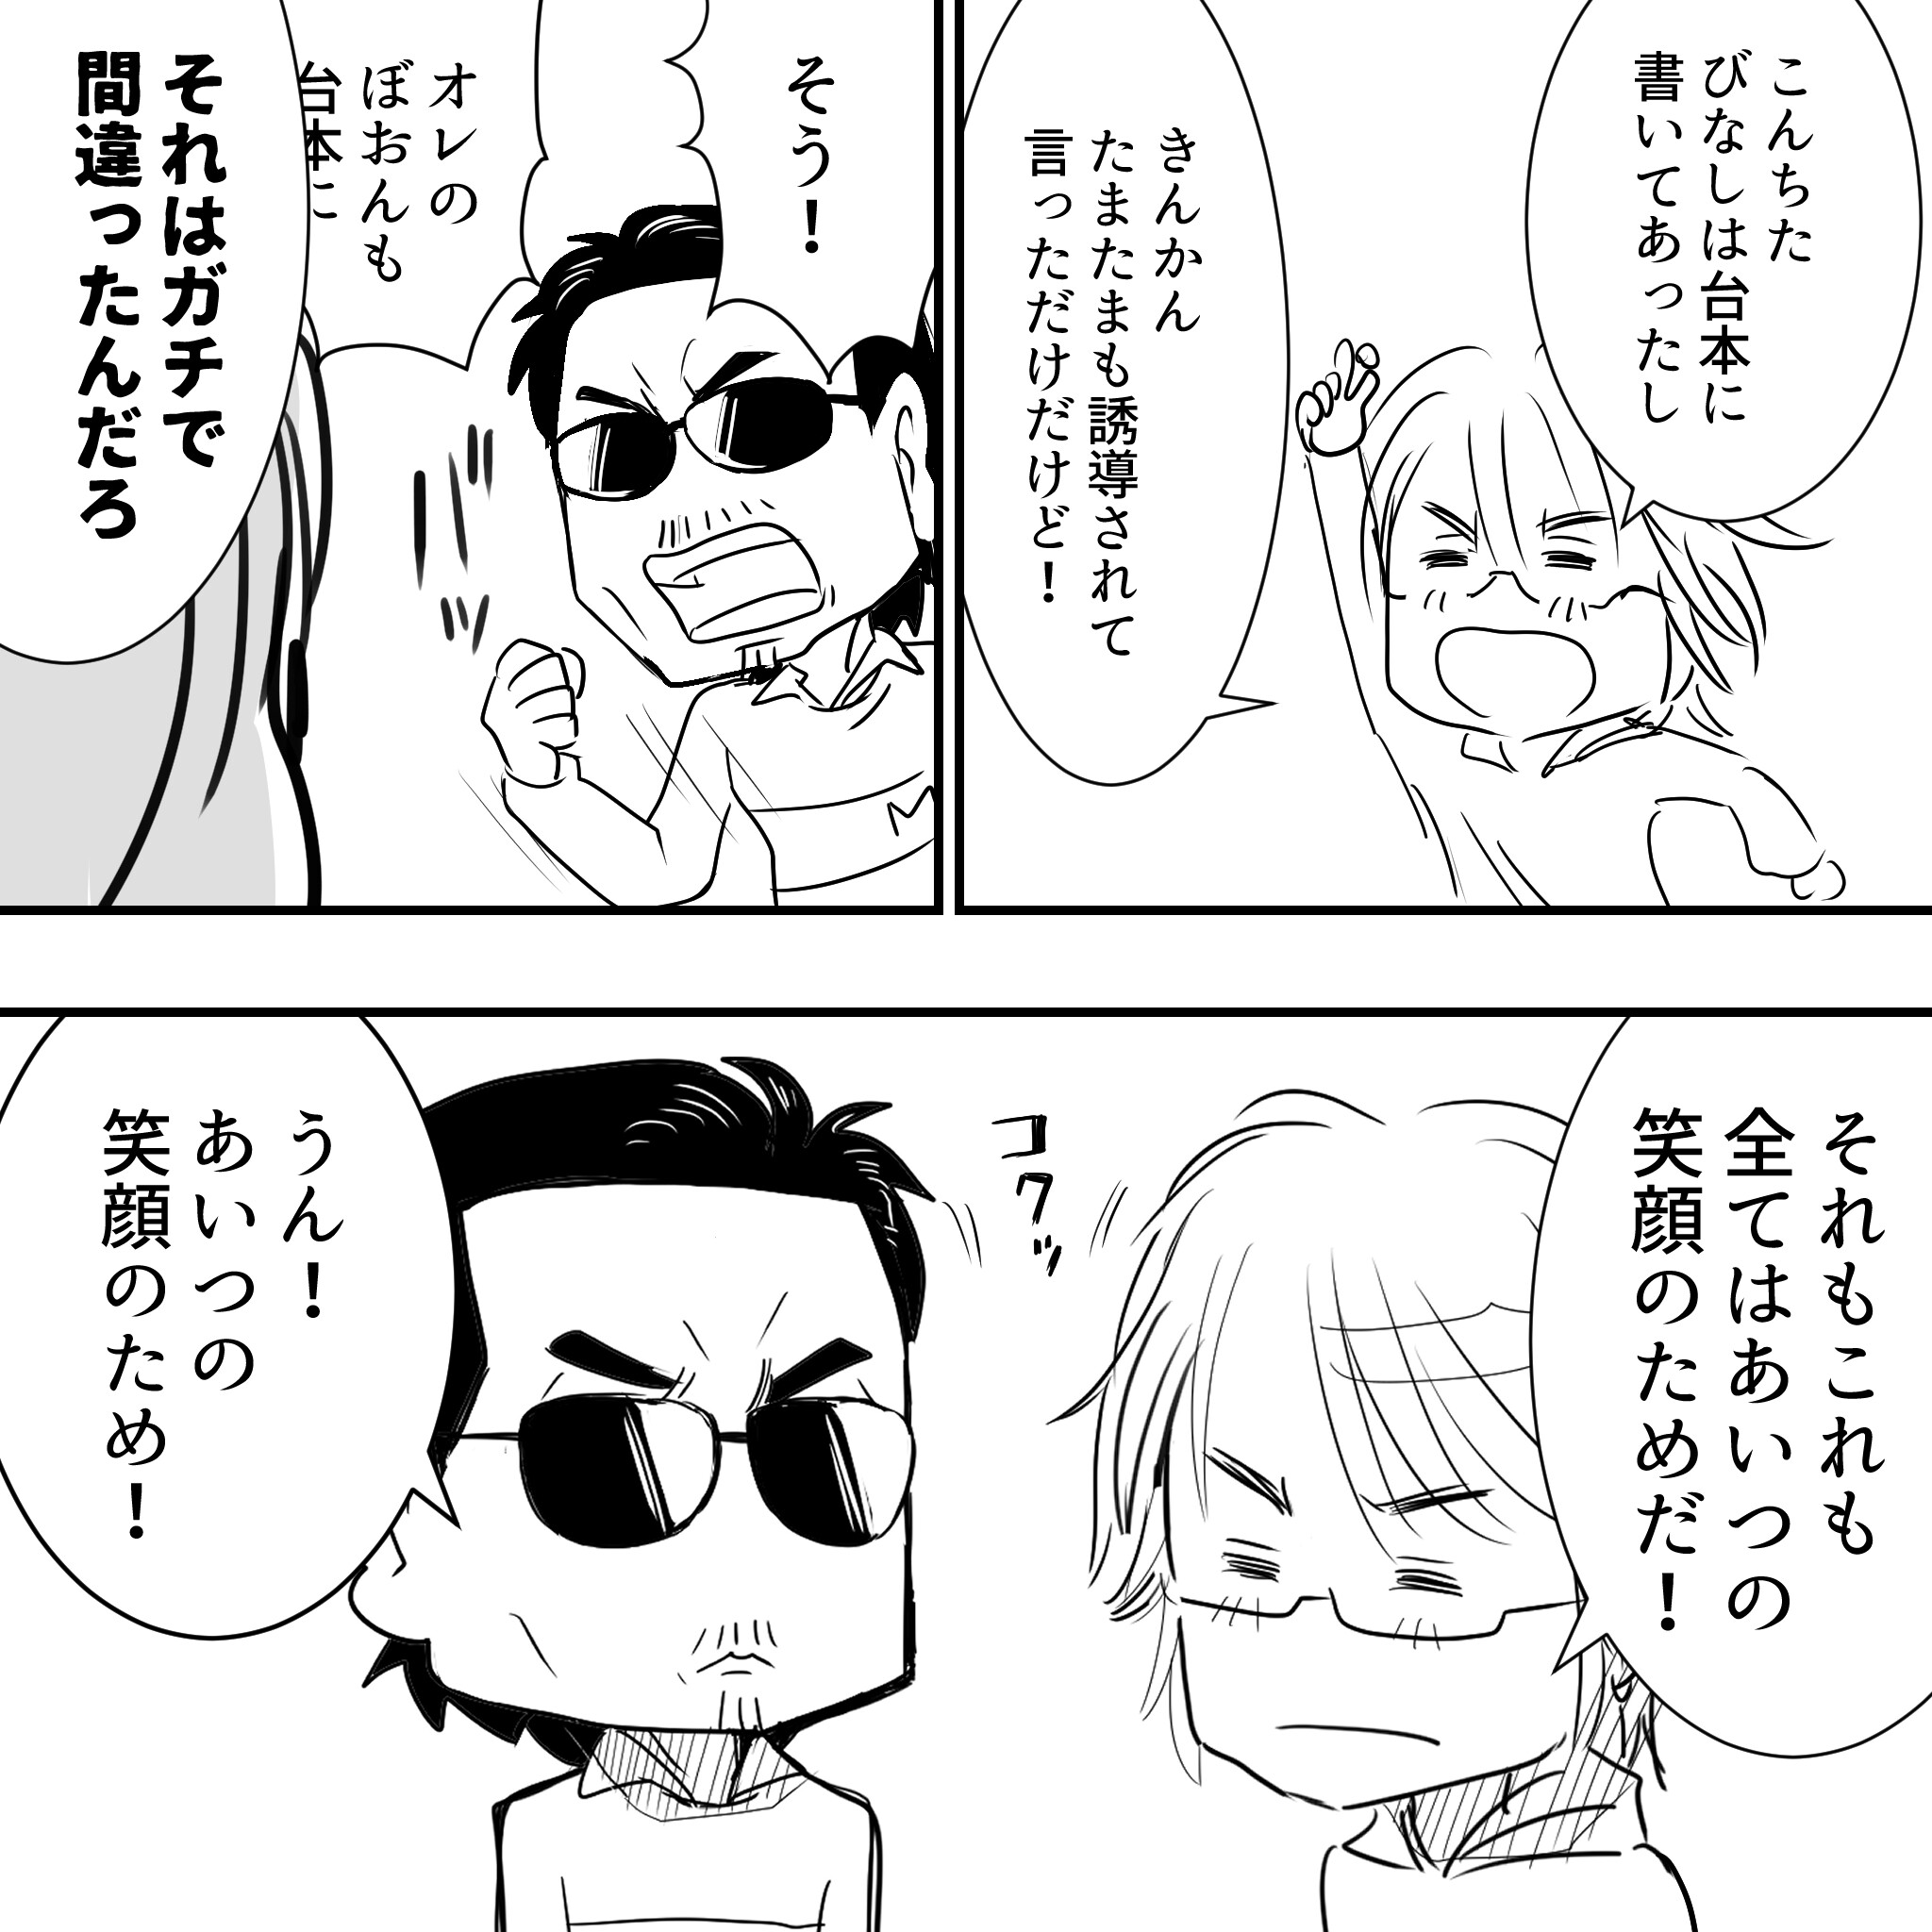 きんかんたまたま坂崎3